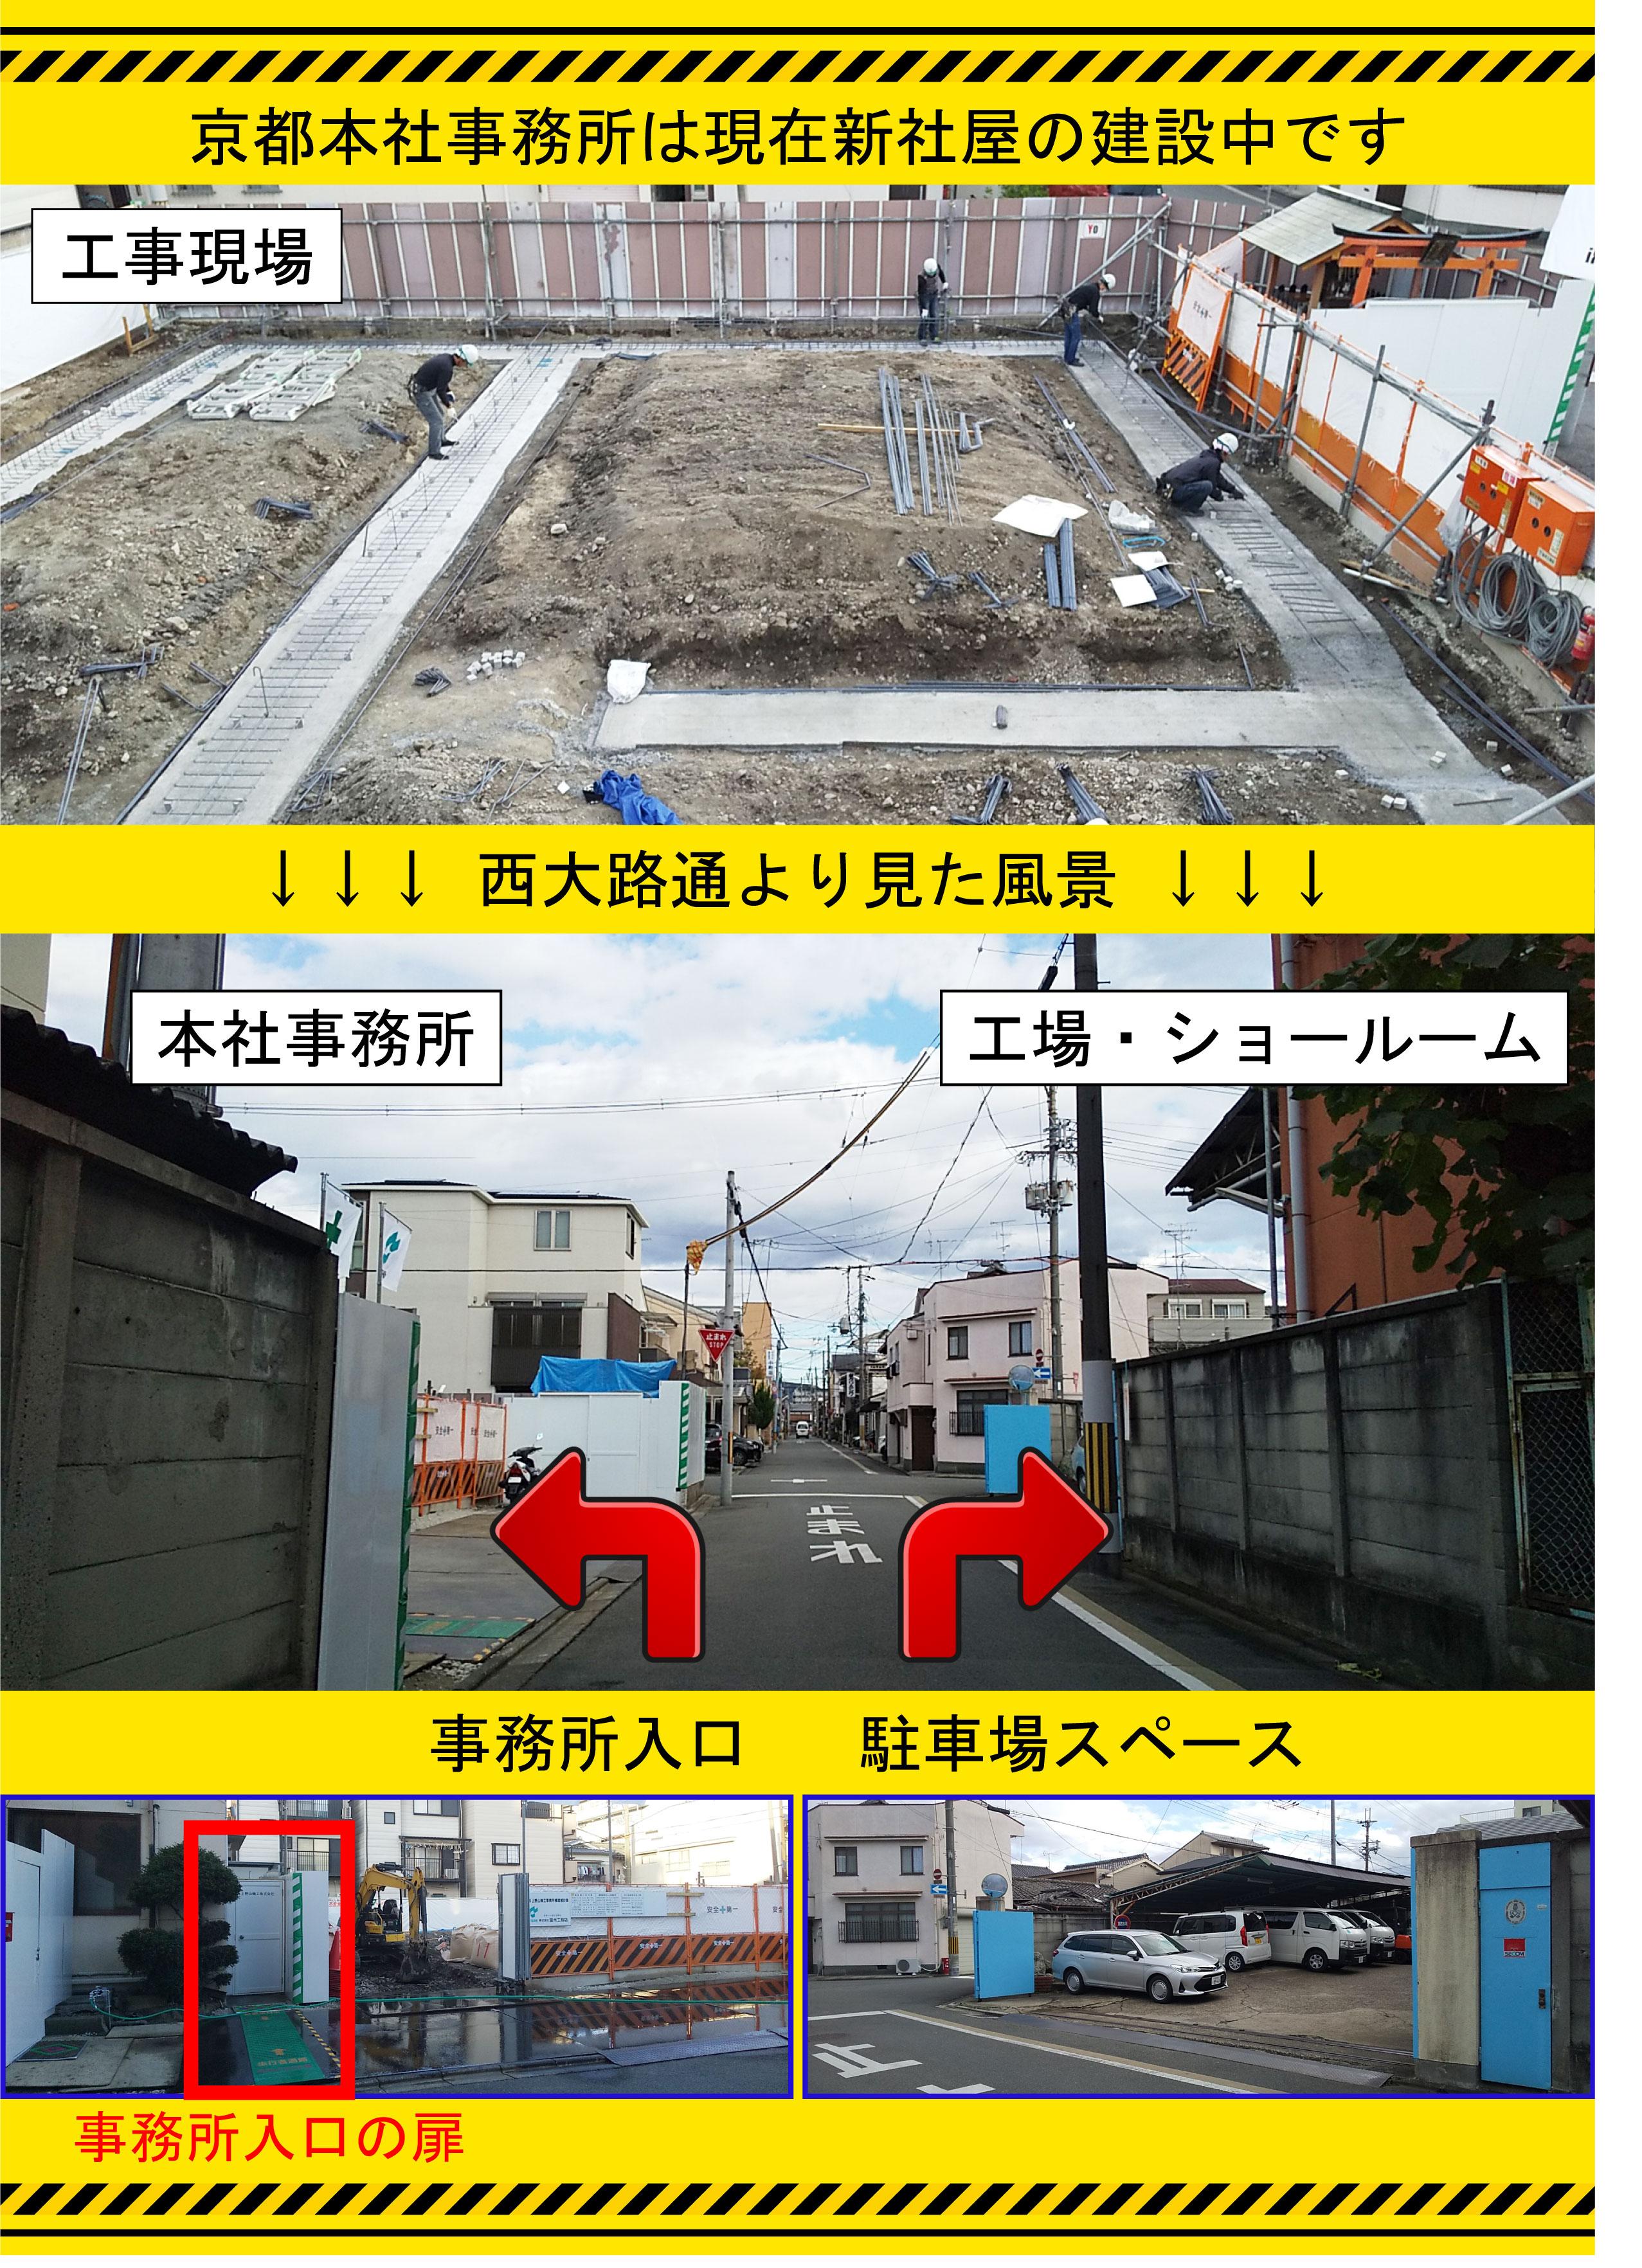 京都本社 新事務所建設のお知らせ